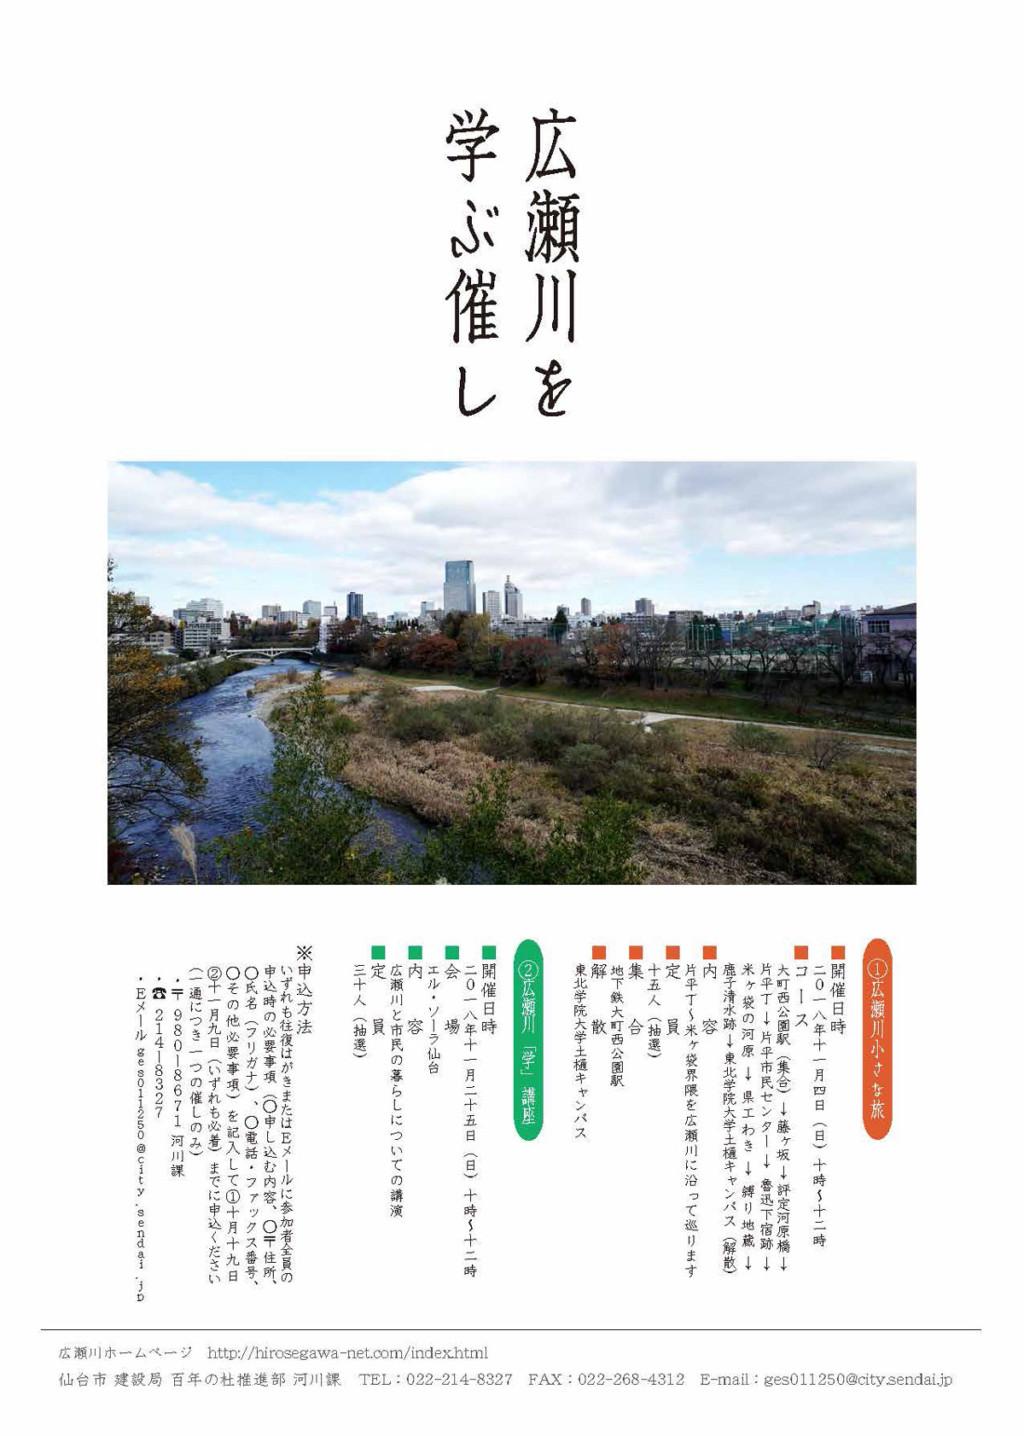 【実施報告】「広瀬川を学ぶ催し」が開催されました!